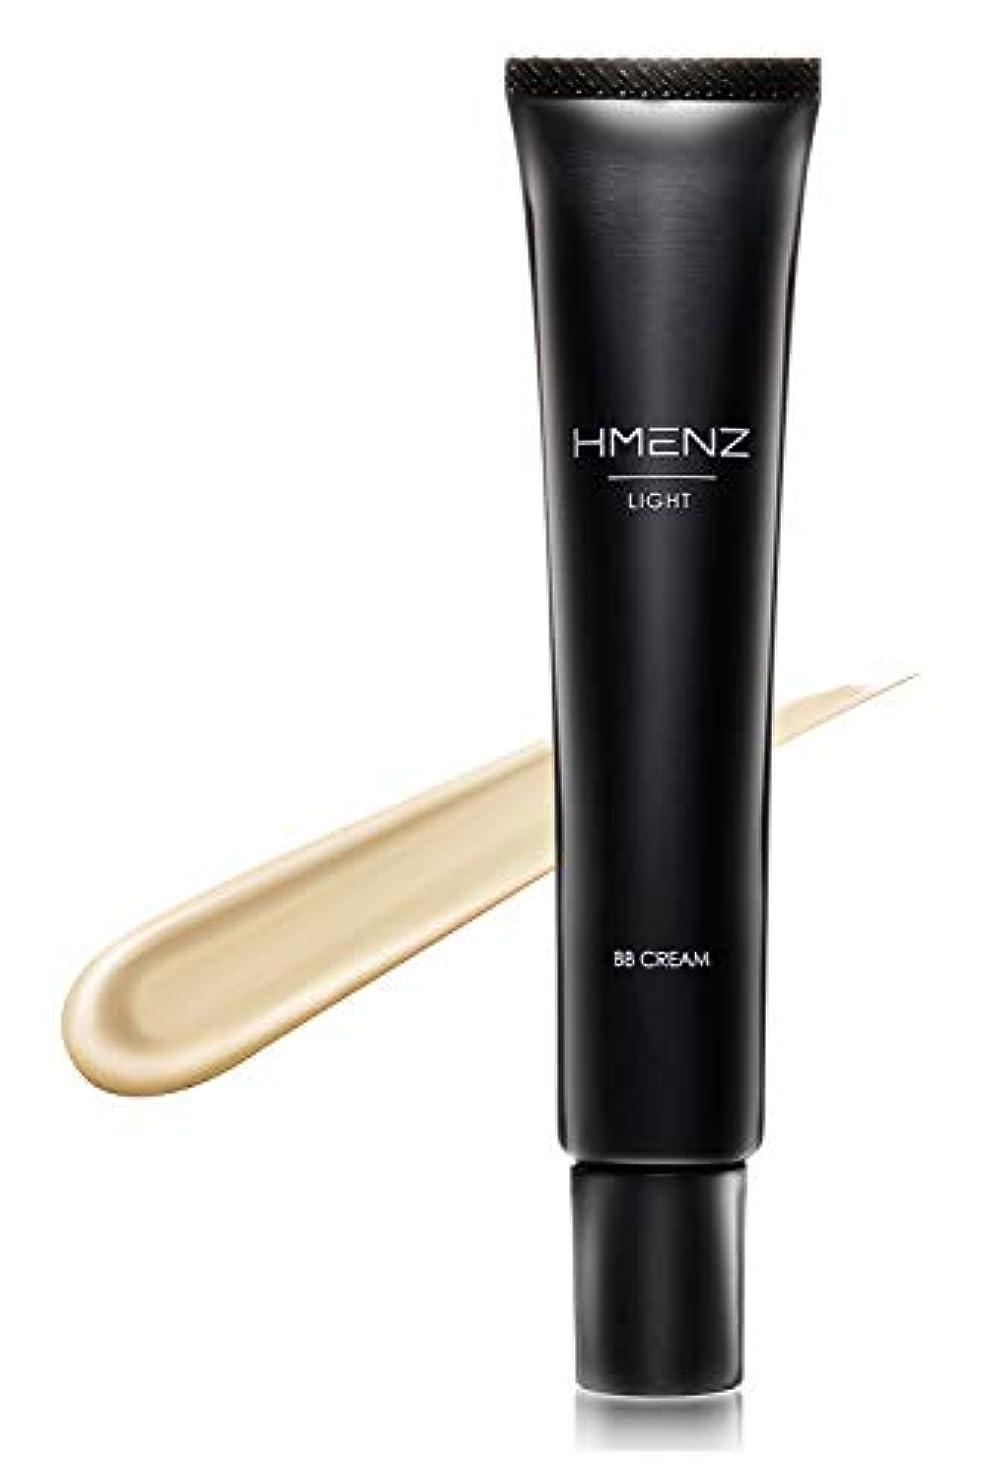 スカープ矛盾する楽な【 コンシーラー メンズ ライトベージュ 】HMENZ メンズ BBクリーム 色白 明るい肌 『 テカリ防止 皮脂吸着パウダー 配合 』 (日焼け止め SPF50+ PA++++ シミ くま ニキビ隠し ファンデーション)25g